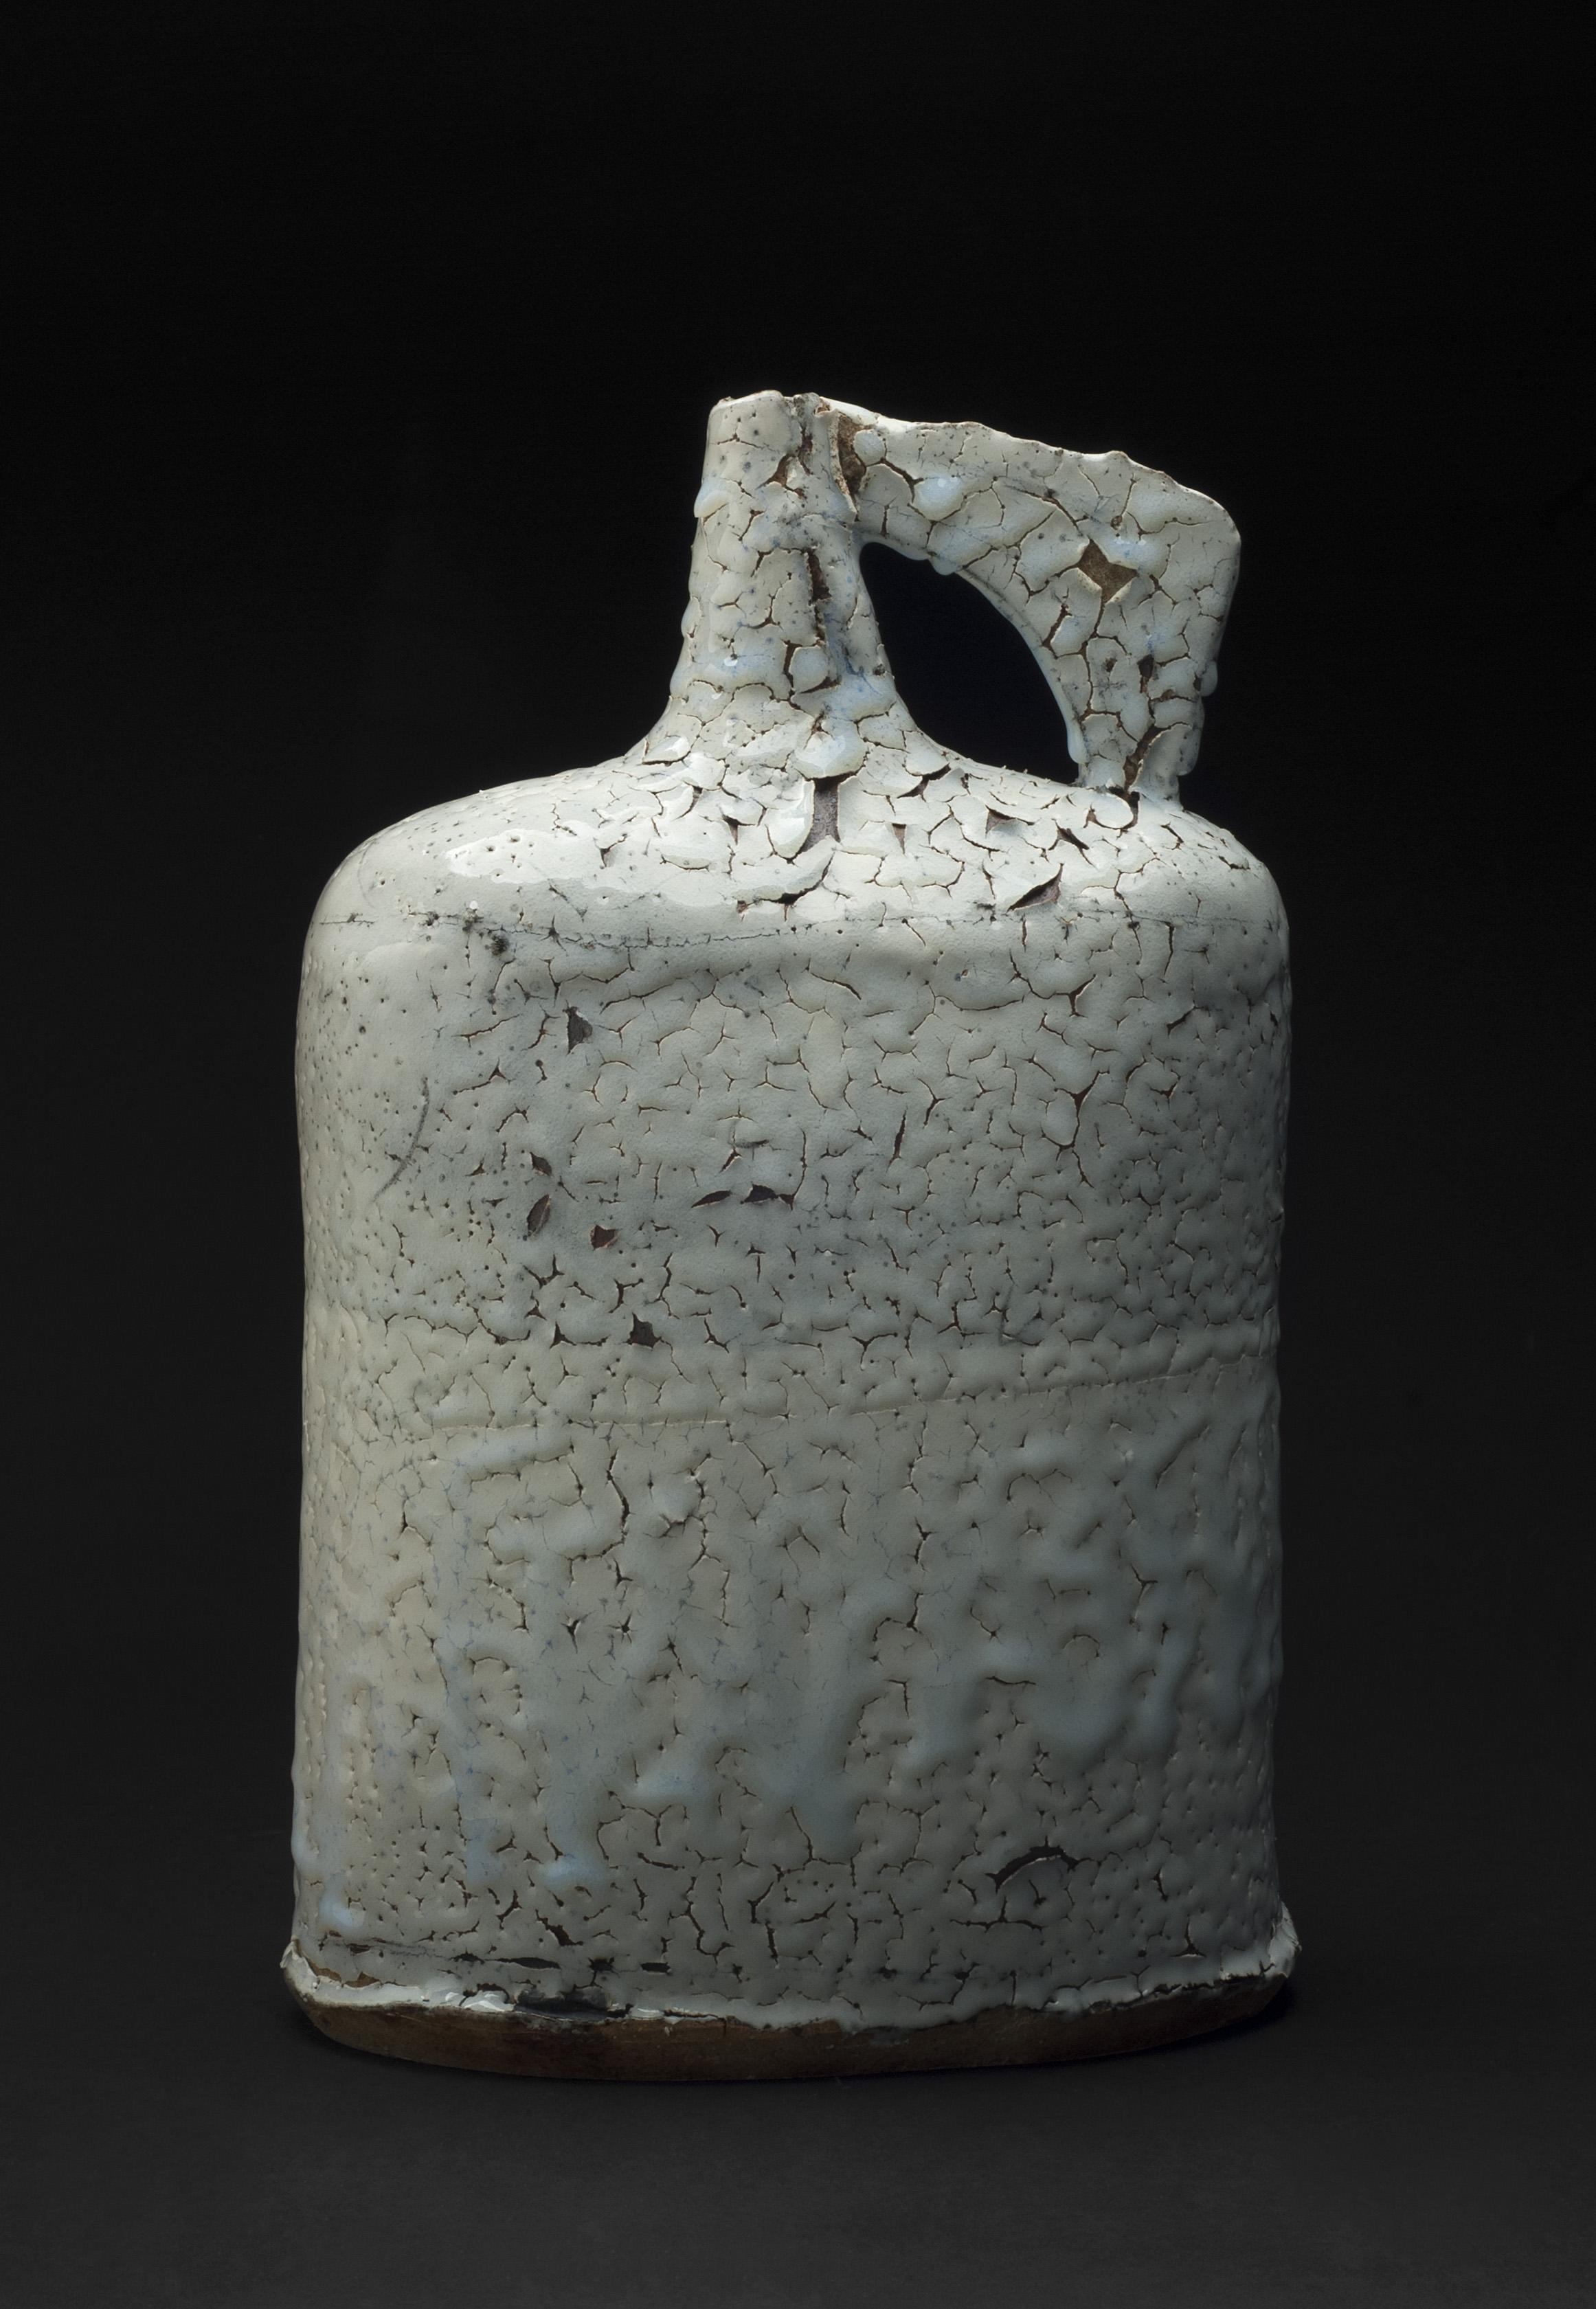 Jane Wheeler    Black Ice Flagon  , 2013 Stoneware clay with chun glaze, slab built 14.75 x 9.45 x 6.5 inches / 37.5 x 24 x 16.5 cm / JWh 3